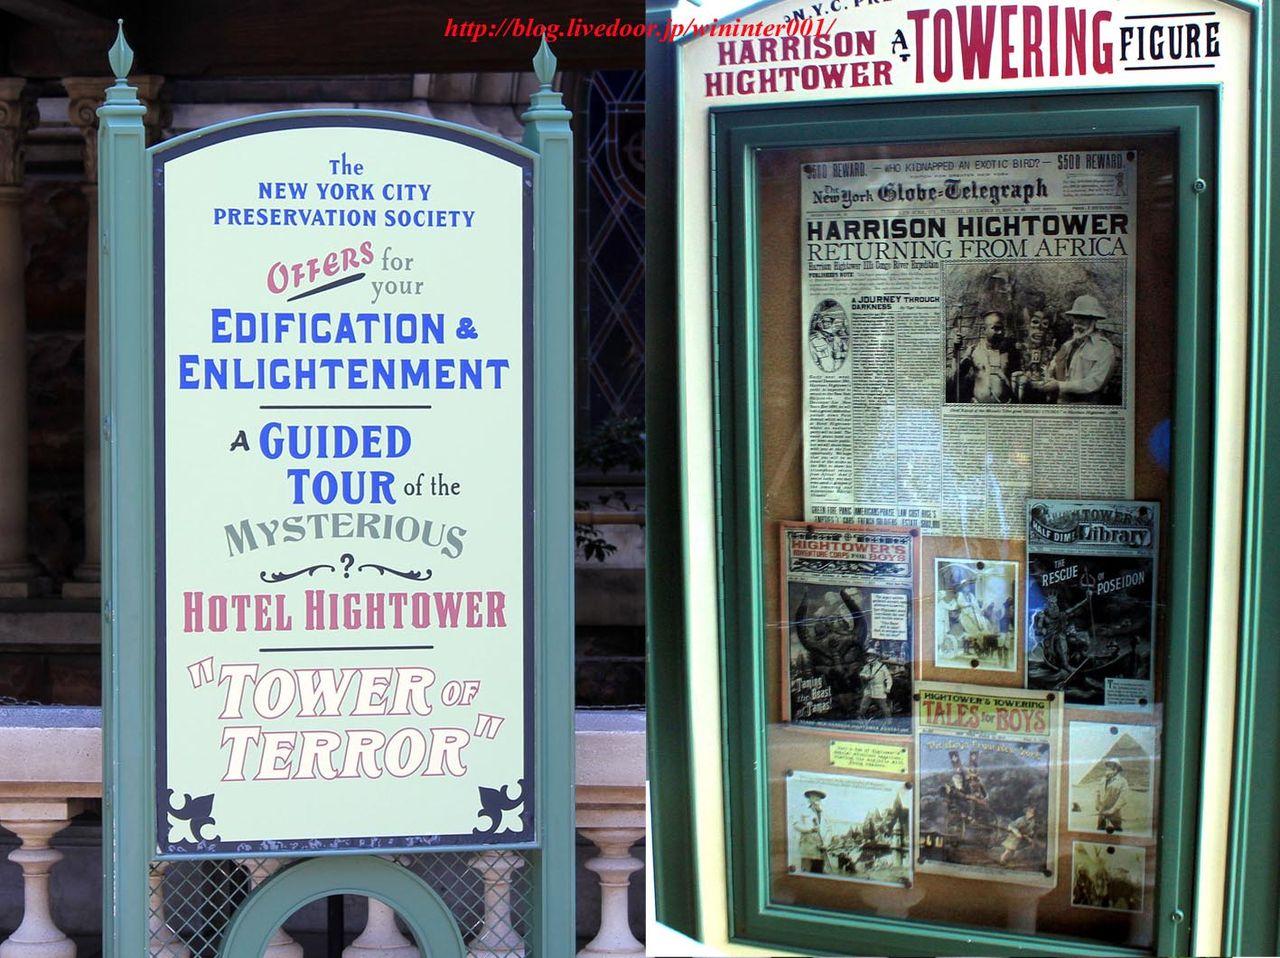 TDRな生活 ooO タワー オブ テラー の掲示板に隠れた